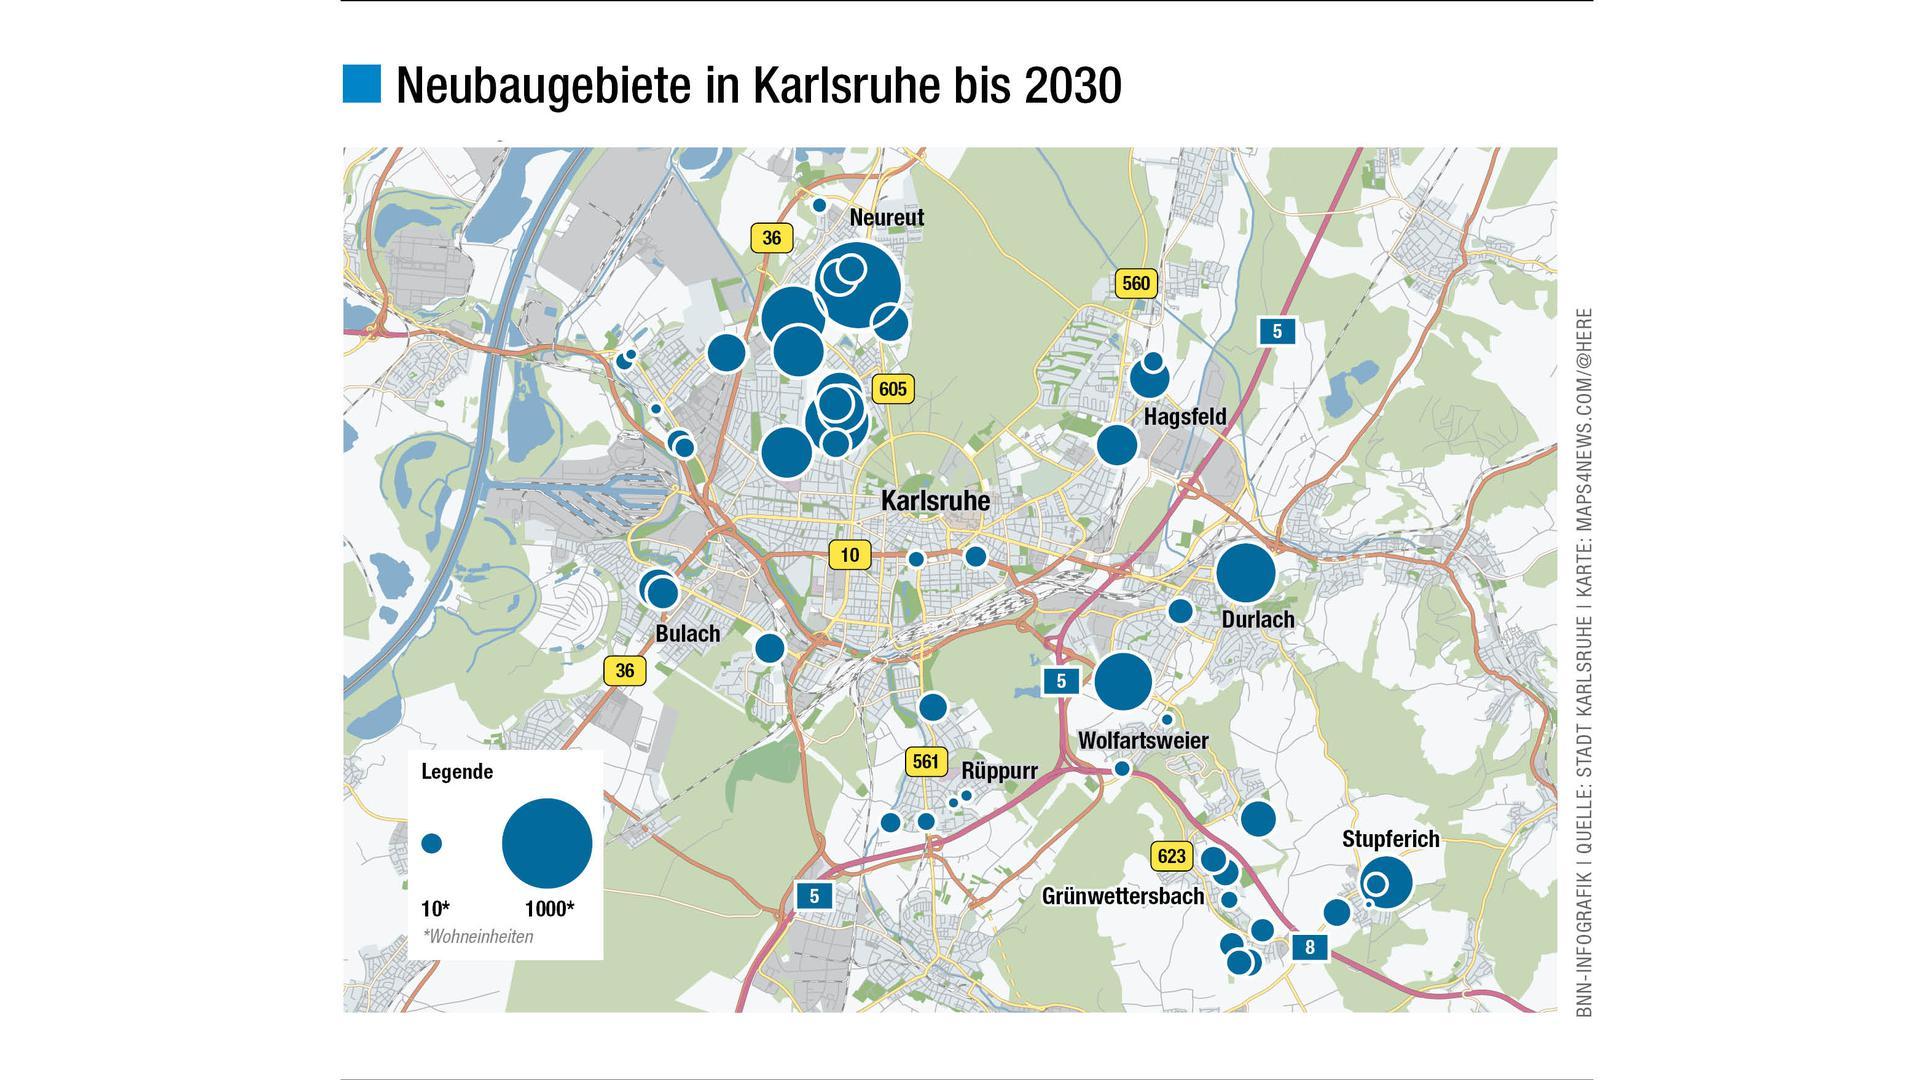 INF_Ausweisung_Neubaugebiet_Online